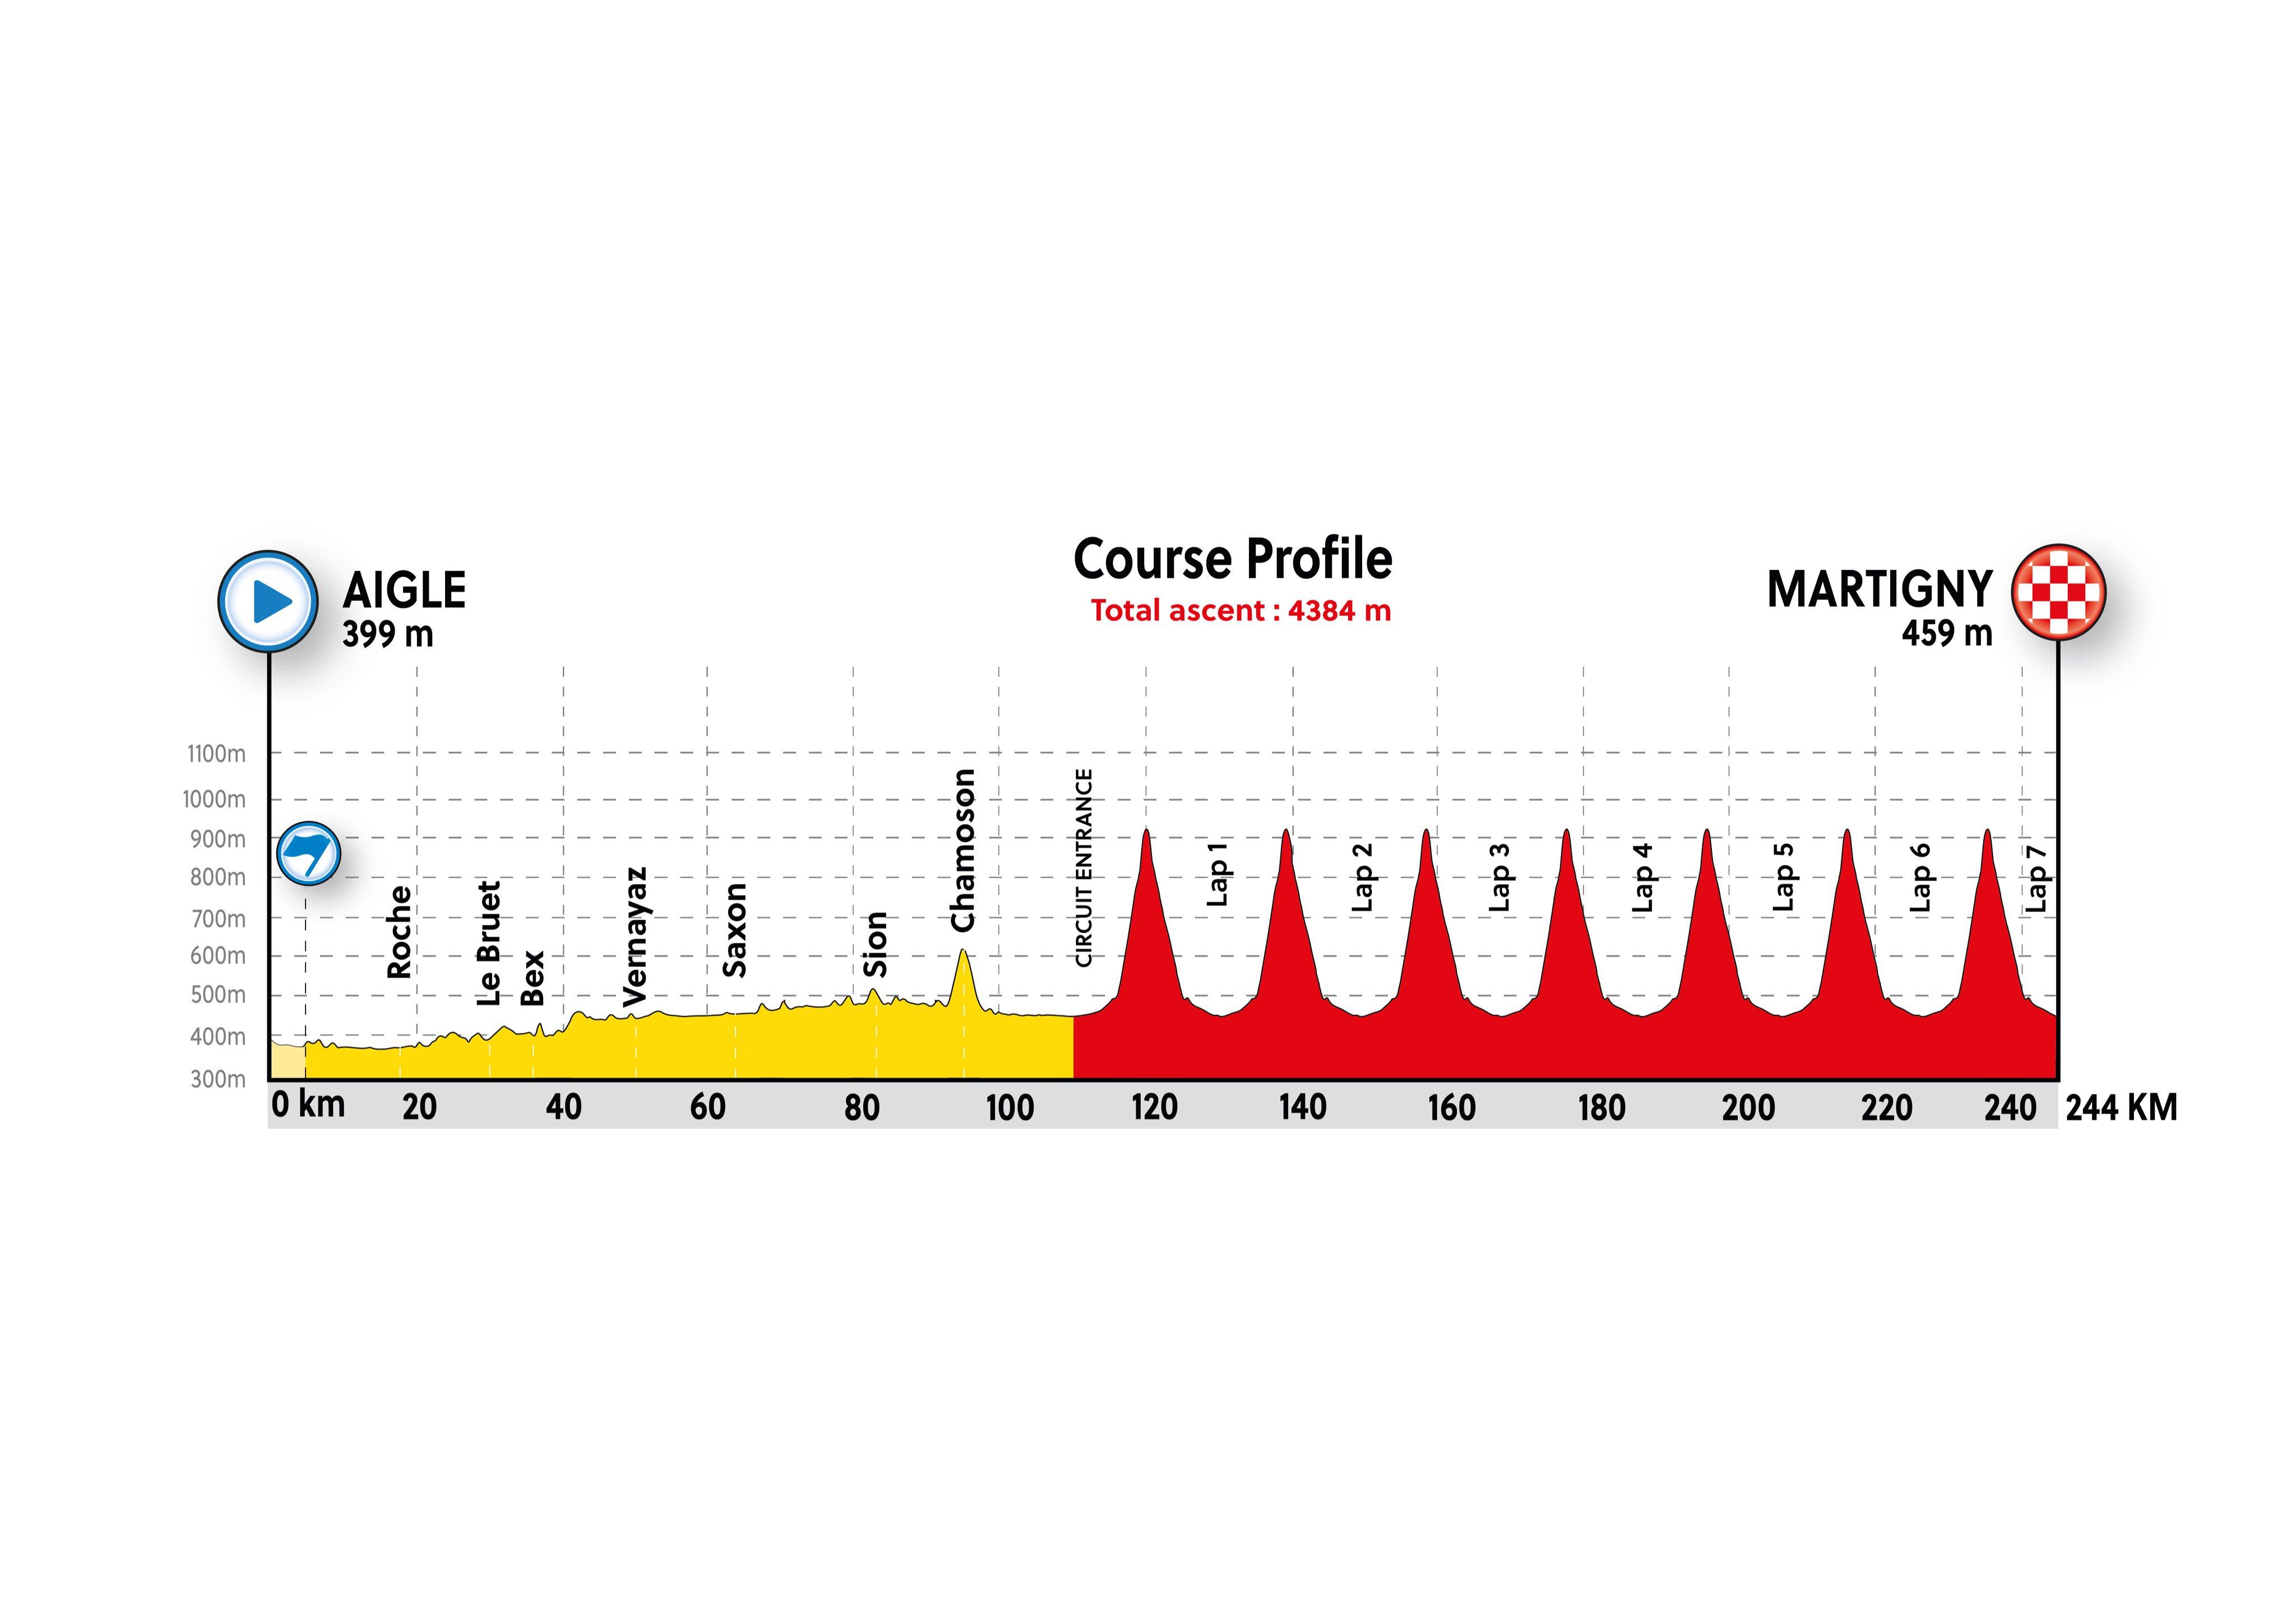 Parcours des courses - Page 11 EFVVnBnXoAom23R?format=jpg&name=4096x4096